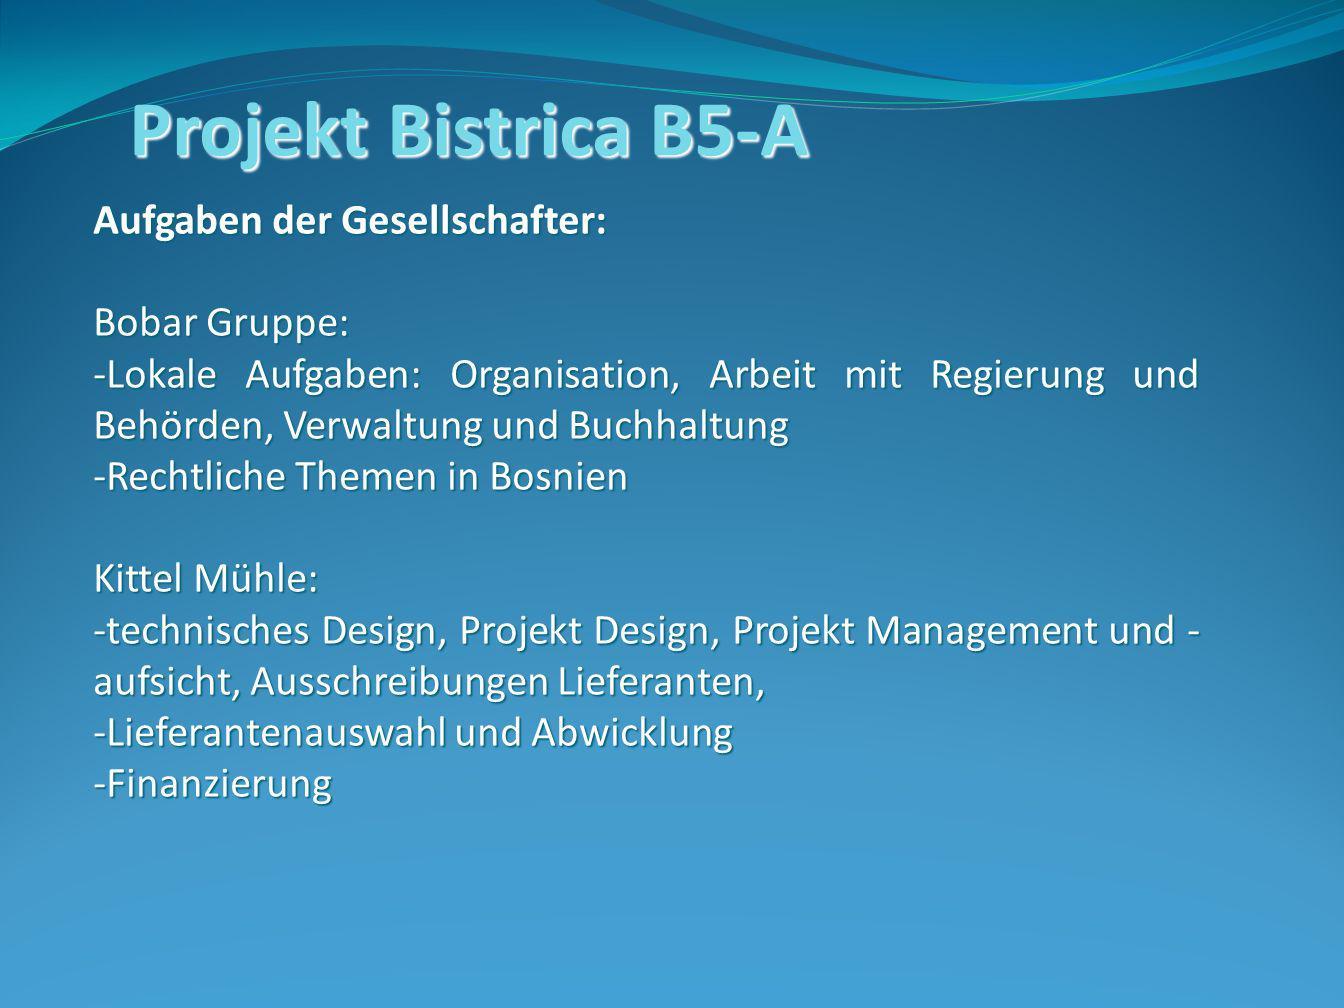 Projekt Bistrica B5-A Aufgaben der Gesellschafter: Bobar Gruppe: -Lokale Aufgaben: Organisation, Arbeit mit Regierung und Behörden, Verwaltung und Buc